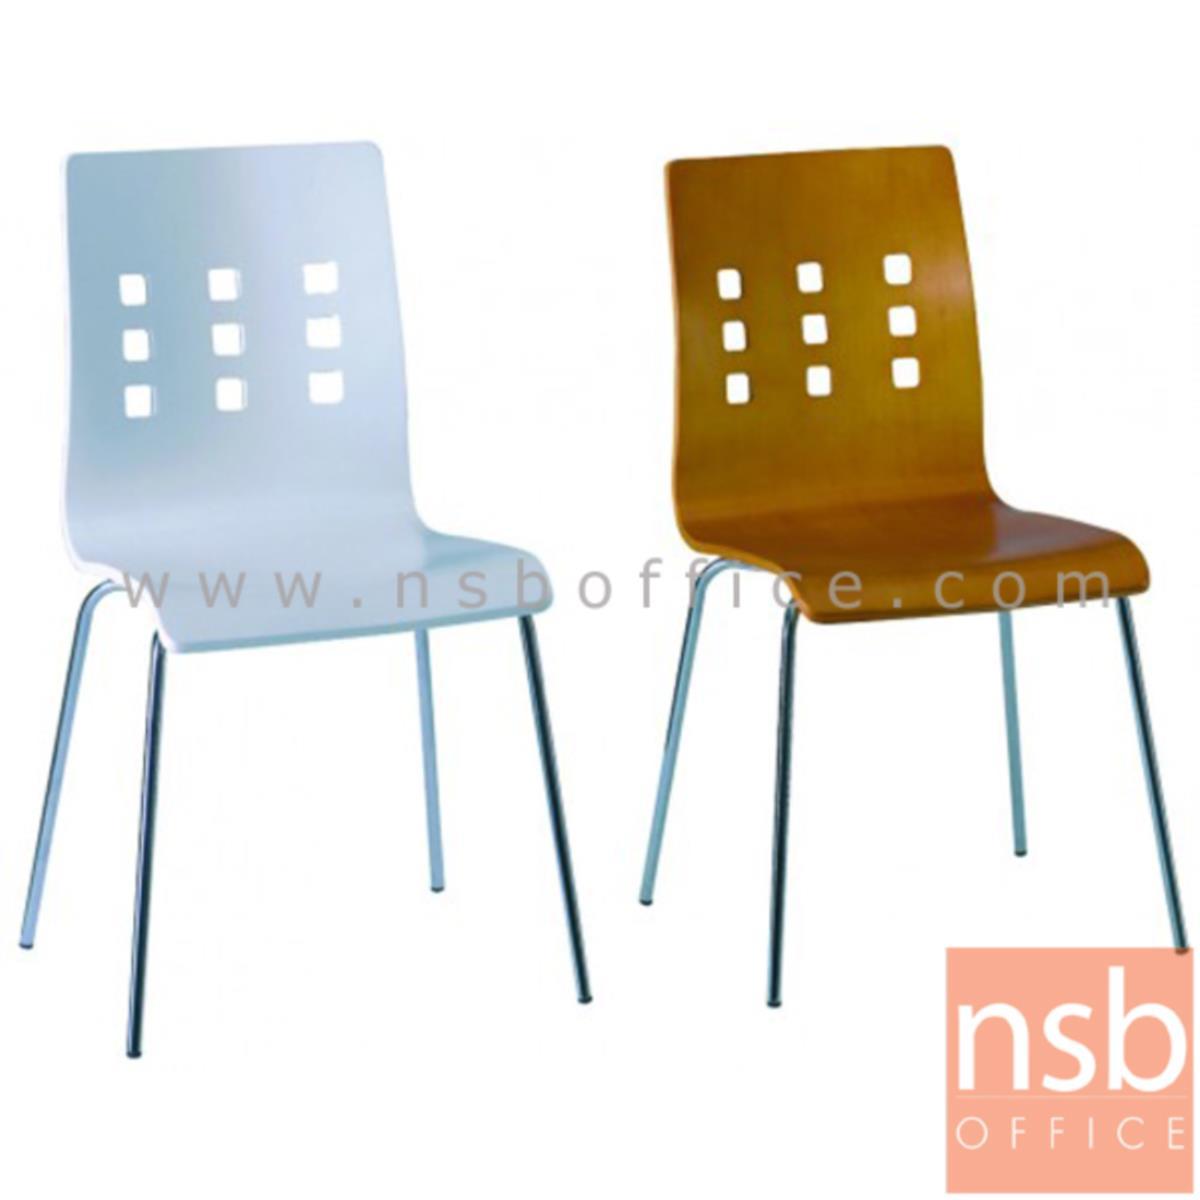 เก้าอี้อเนกประสงค์ไม้วีเนียร์ดัด รุ่น Steenburgen (สตีนเบอร์เกน)  ขาเหล็กชุบโครเมี่ยม